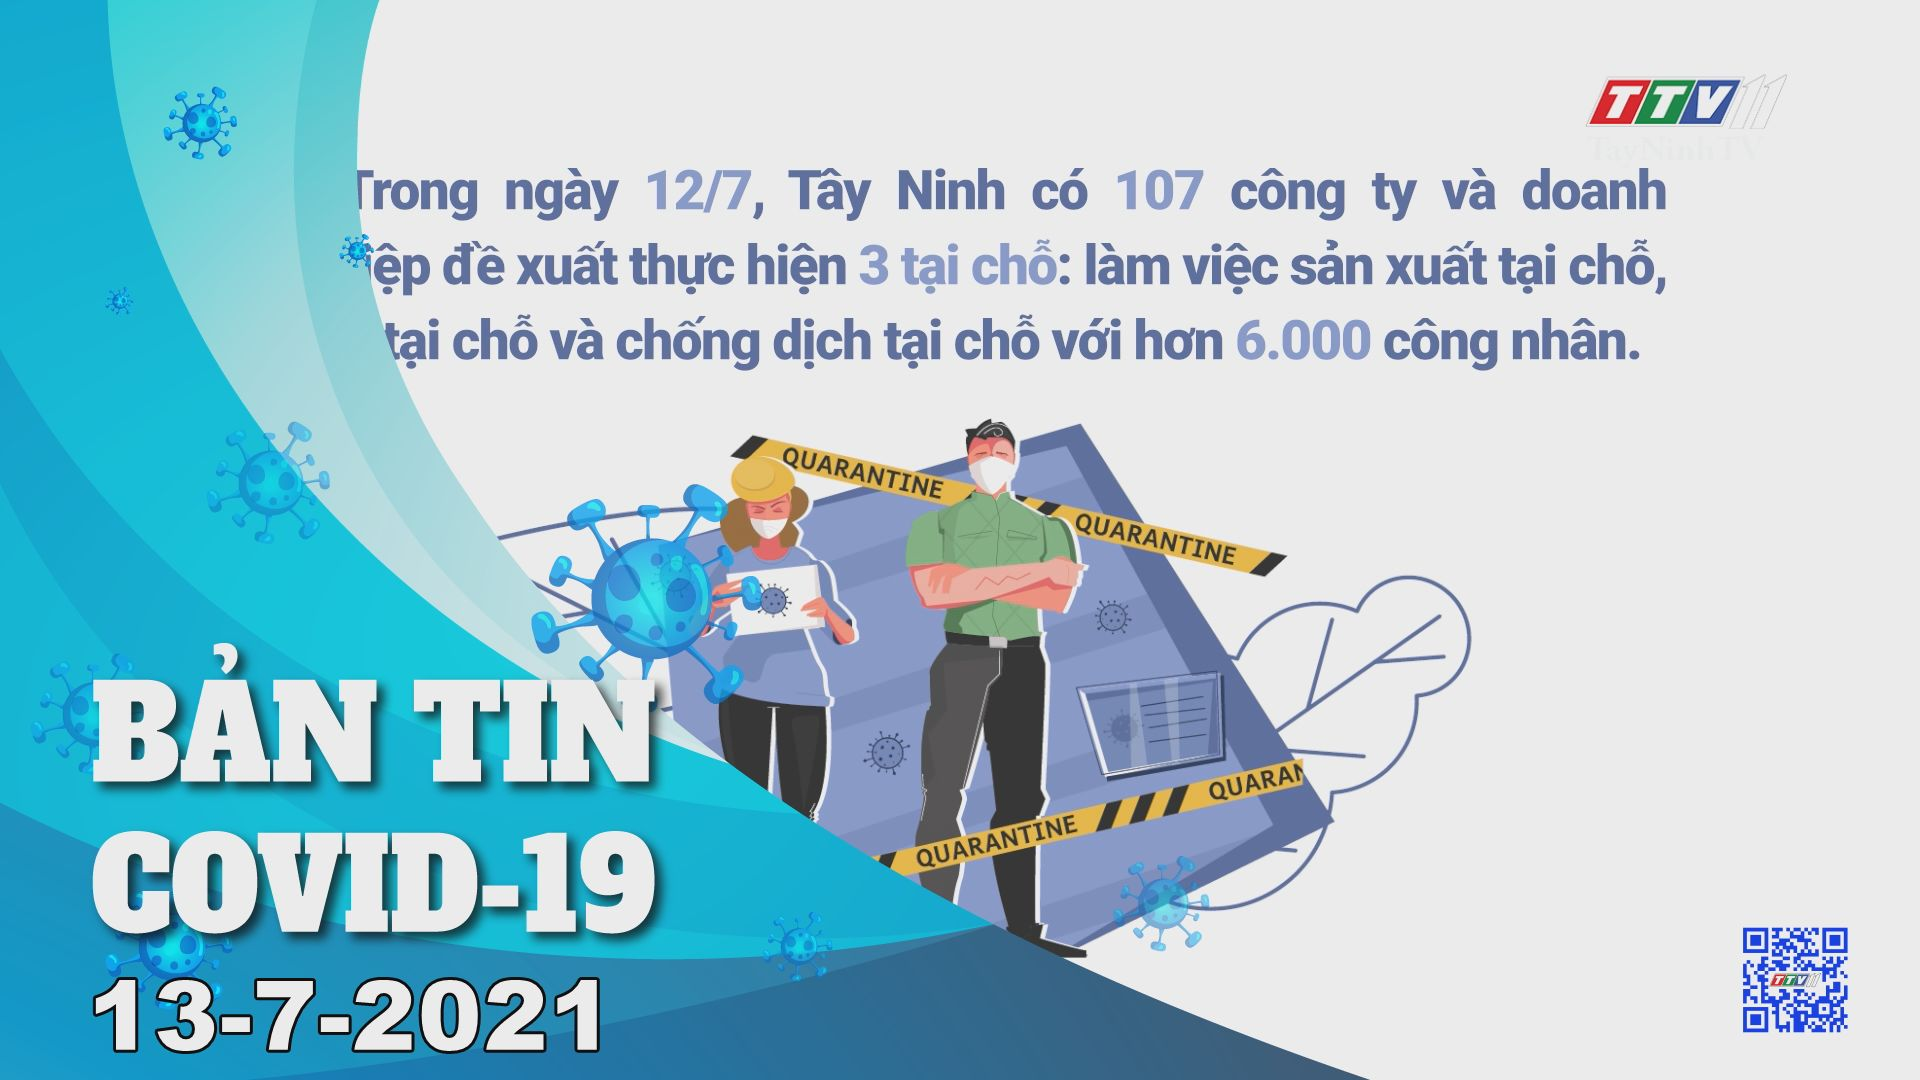 Bản tin Covid-19 | Tin tức hôm nay 13-7-2021 | TâyNinhTV